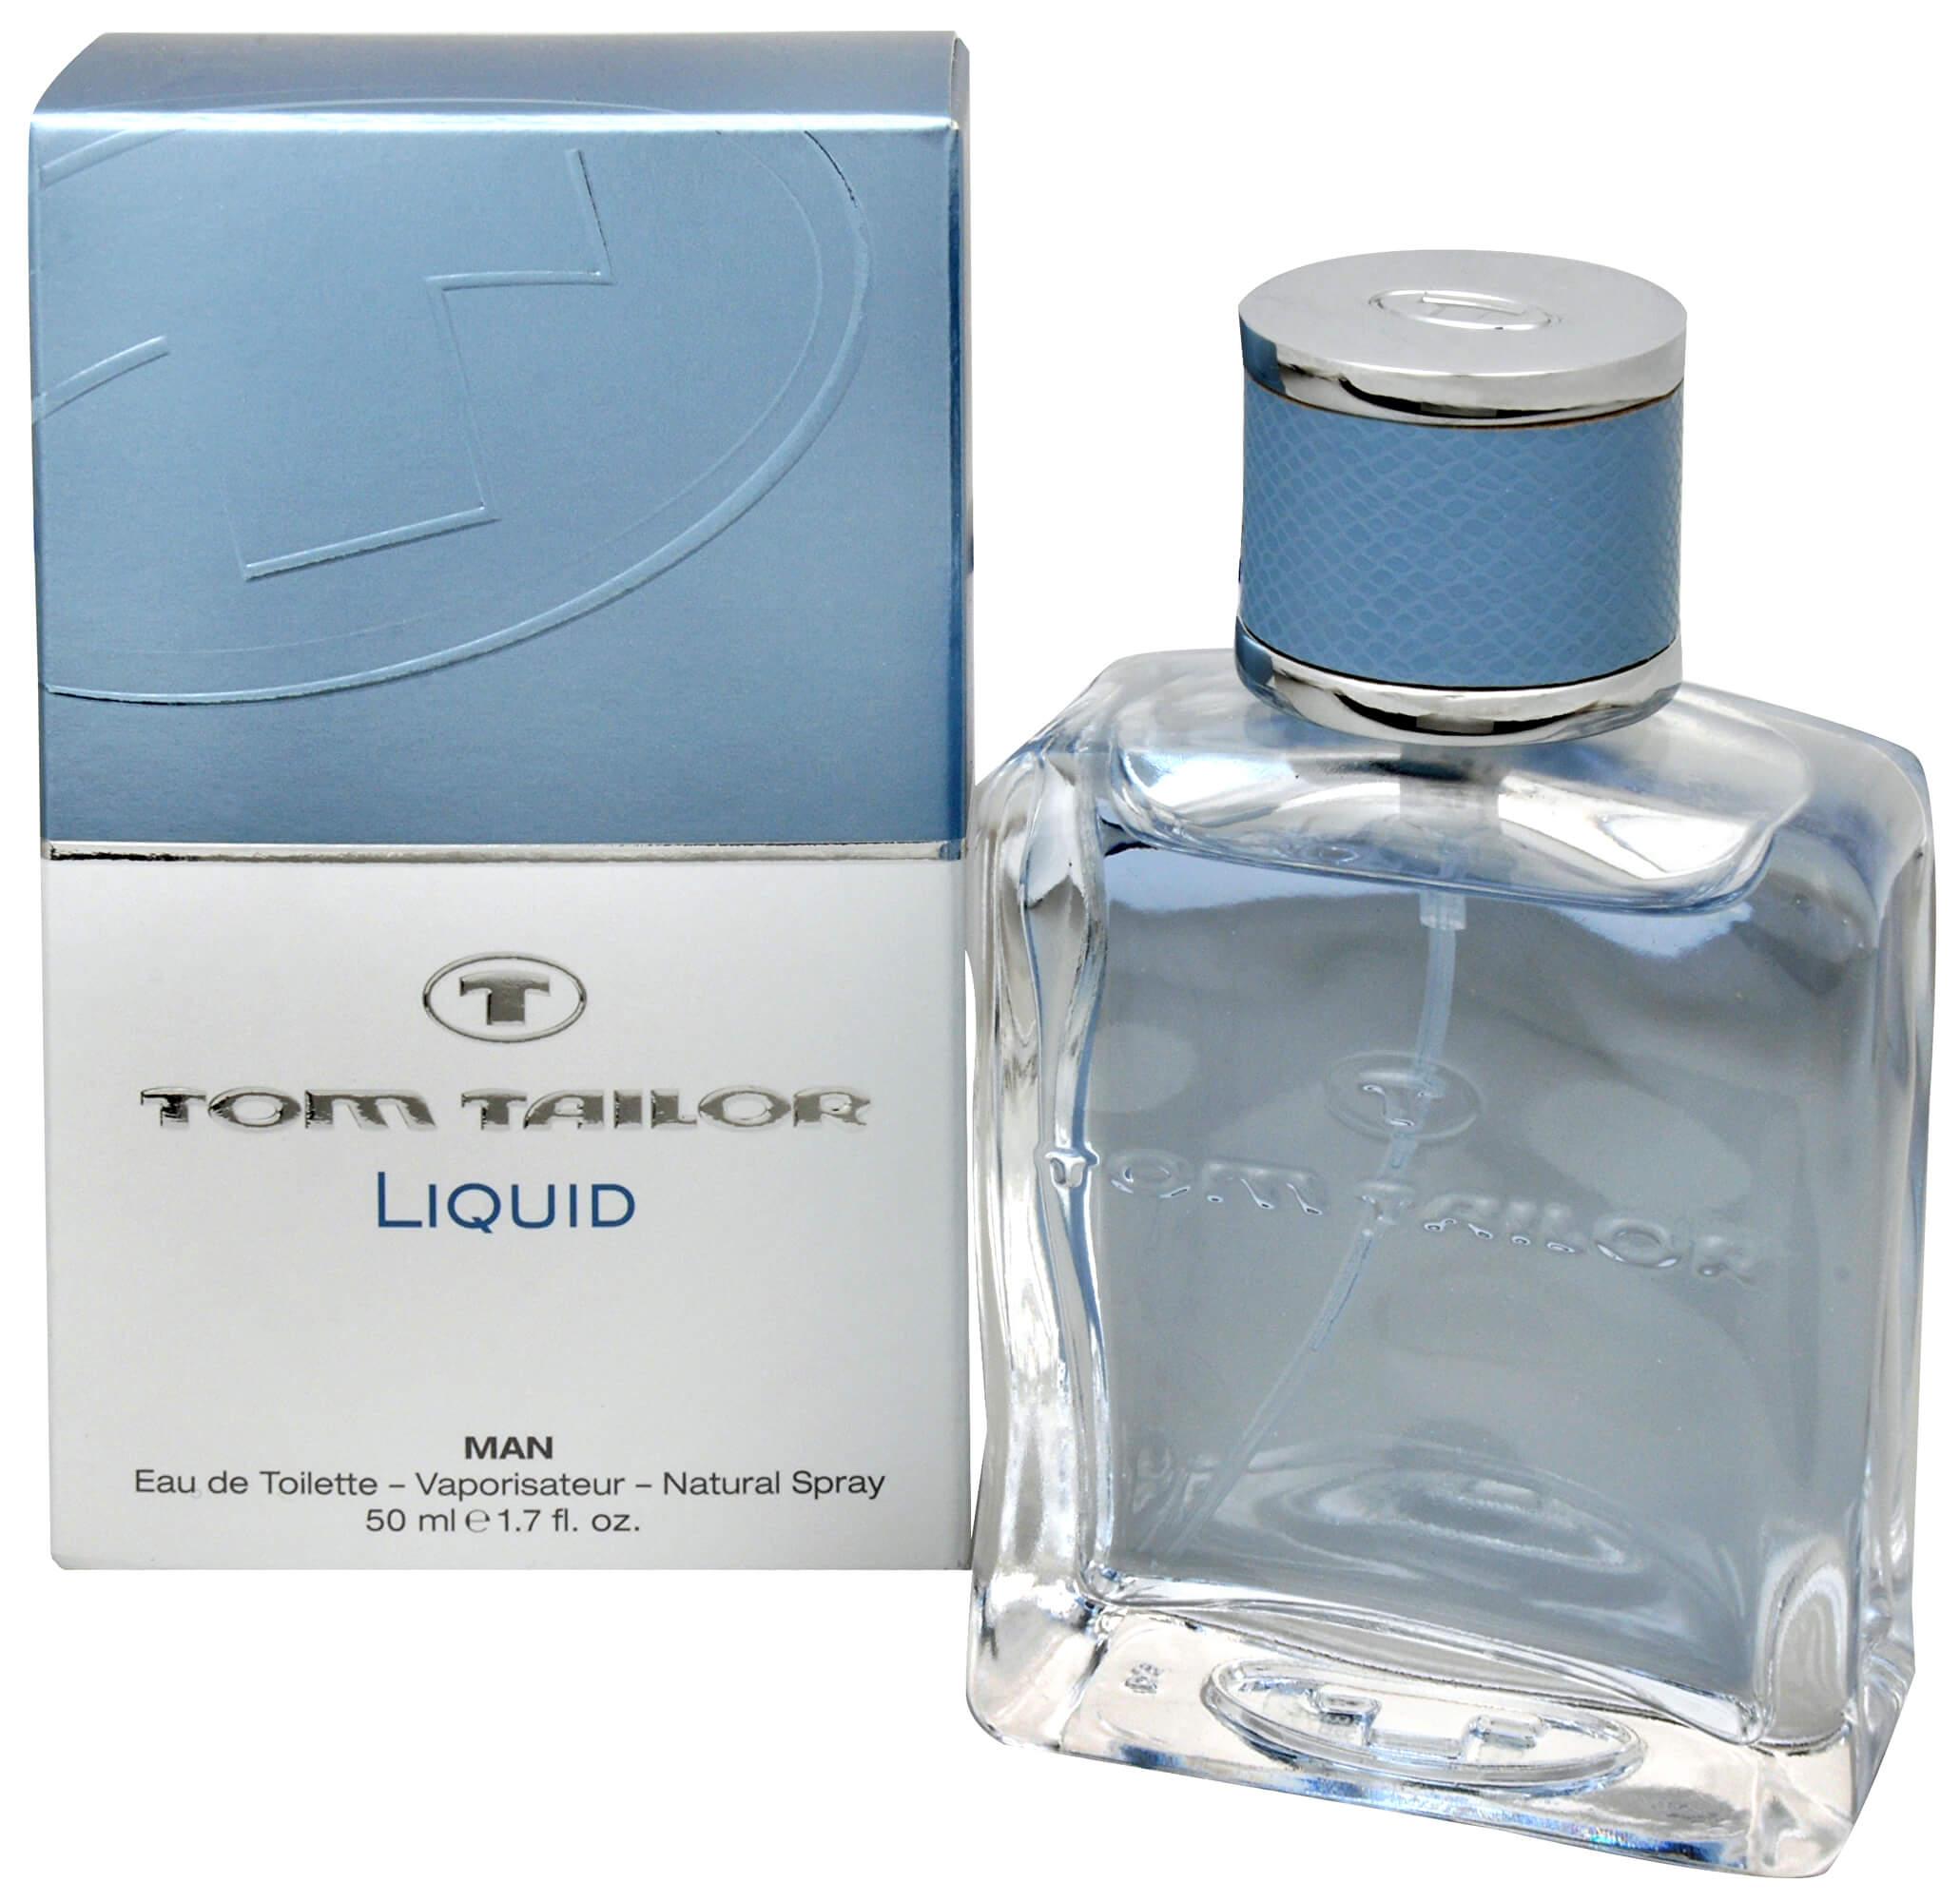 Tom Tailor Liquid Man - EDT30 ml